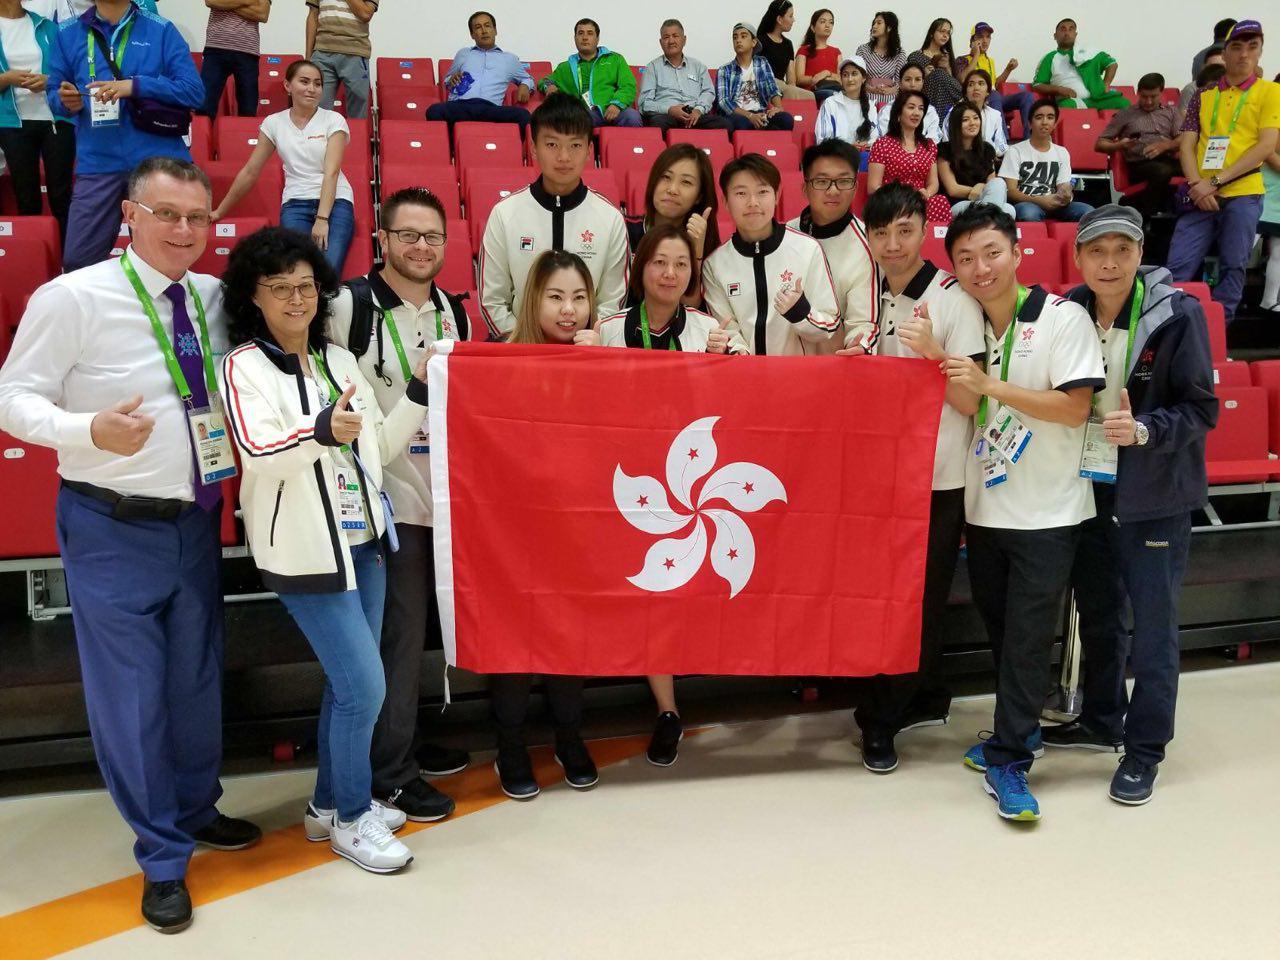 香港保齡球總會主席劉掌珠(左二)表示,賽前一直看好謝晉軒,並讚他打得穩,各方面表現都好。(香港保齡球總會提供)